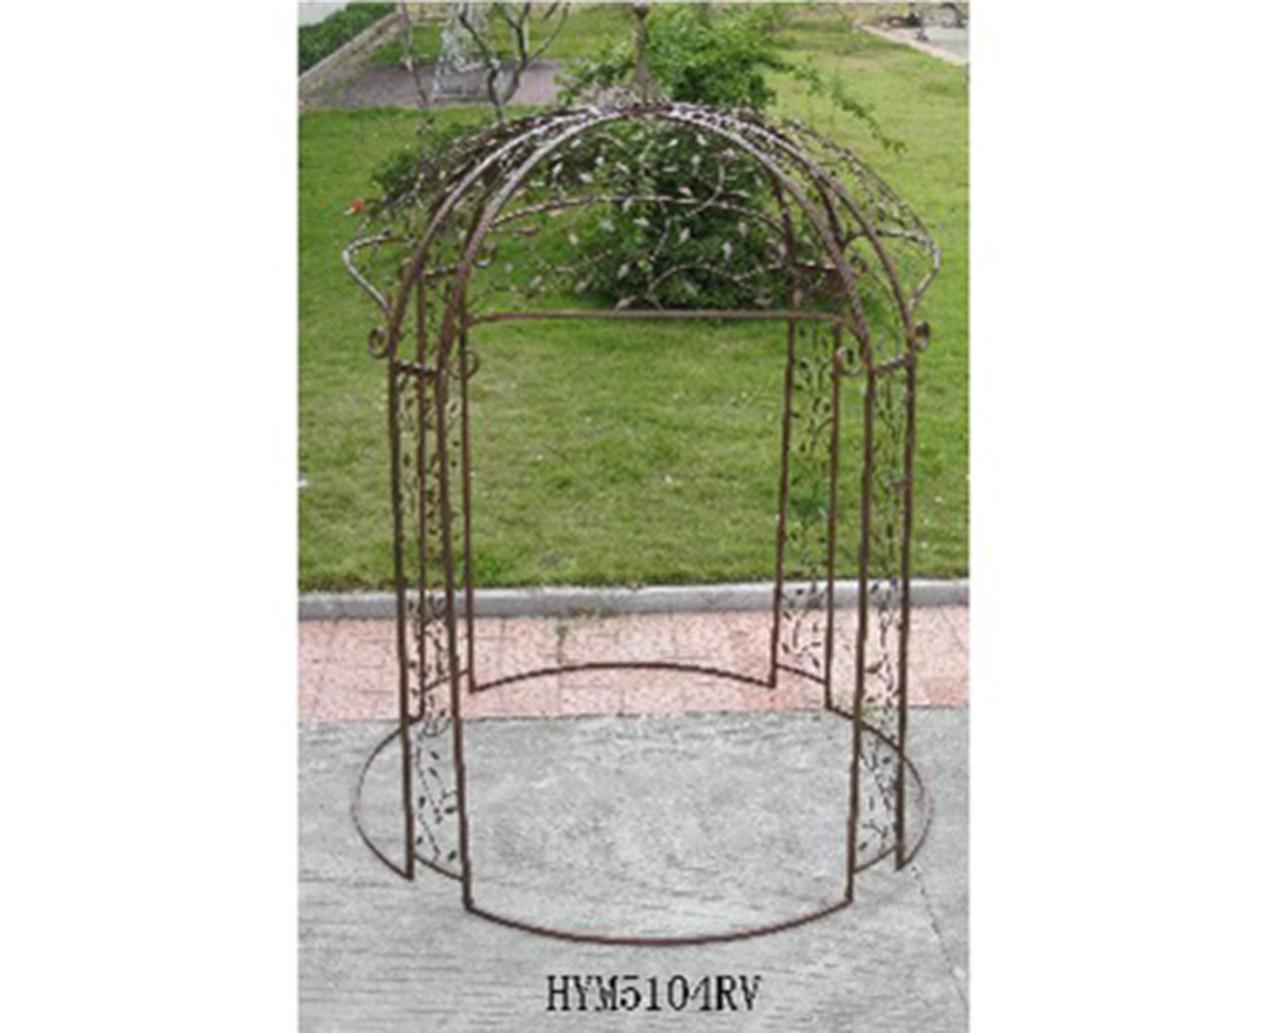 Kiosque En Bois Pour Jardin destiné Arche De Jardin Leroy Merlin